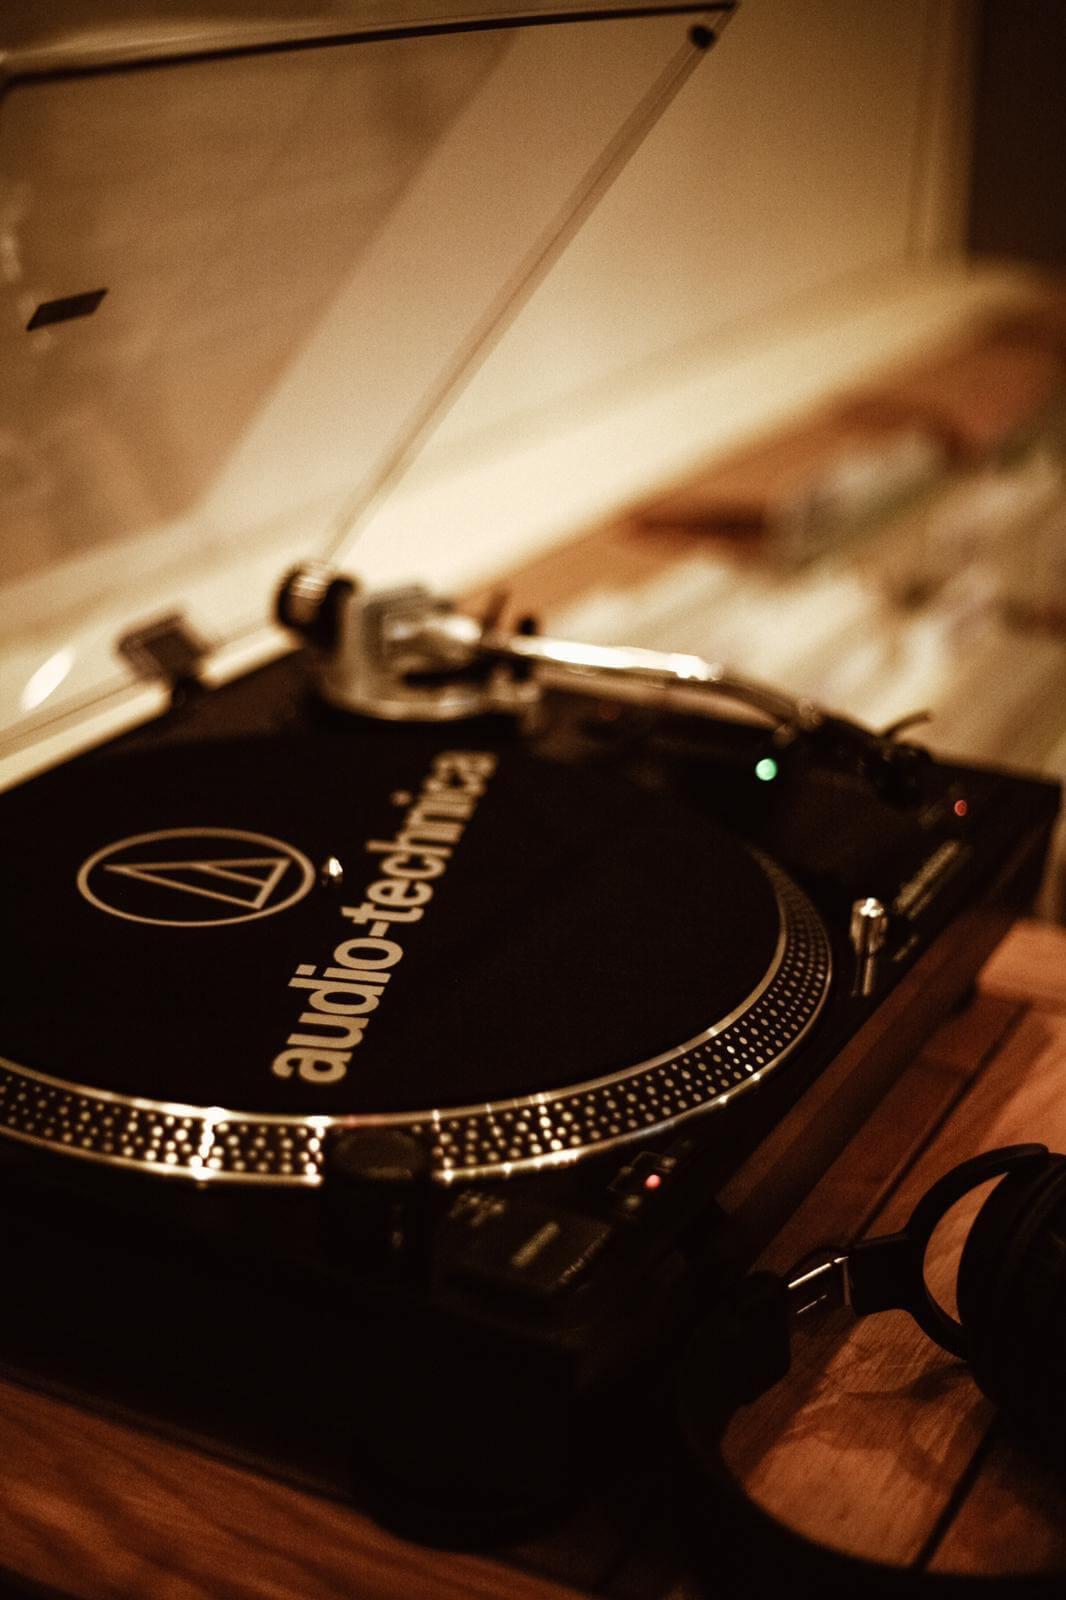 LZPM3816 Café Artum――バーミンガムのミュージックラバーズから親しまれるカフェ/レコードショップ